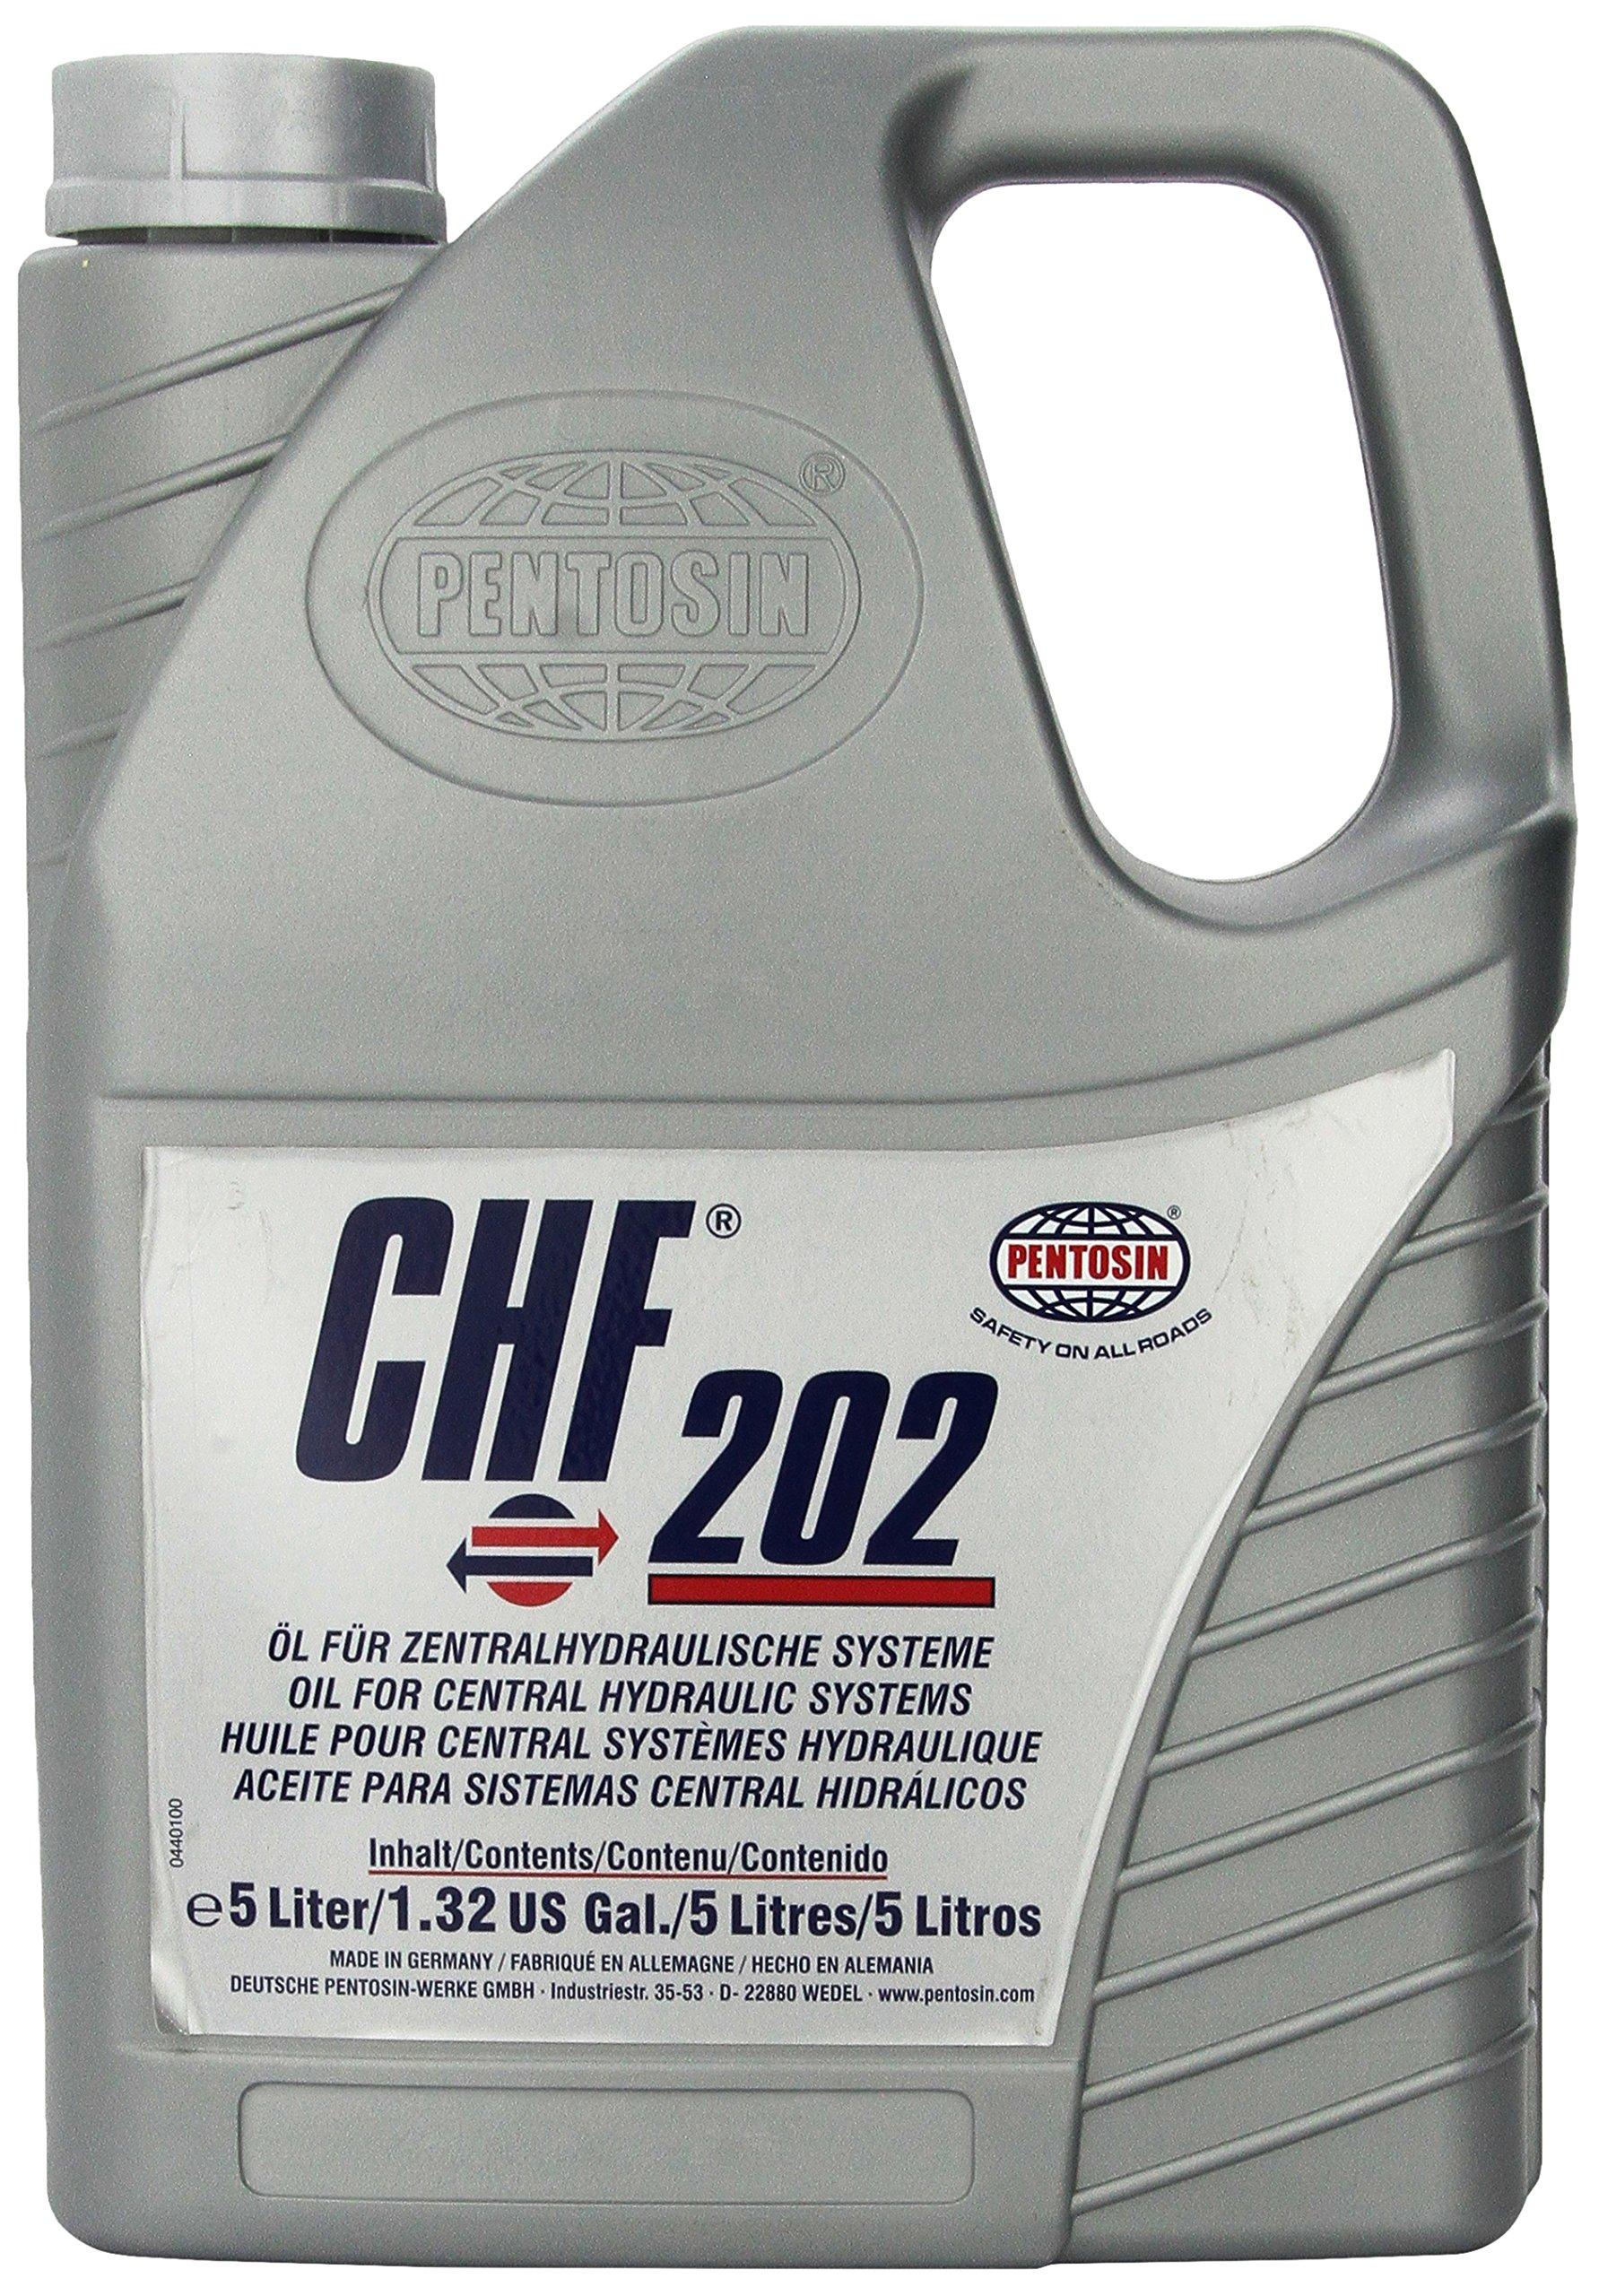 Buy Pentosin 8403107 CHF 202 Synthetic Hydraulic Fluid, 1